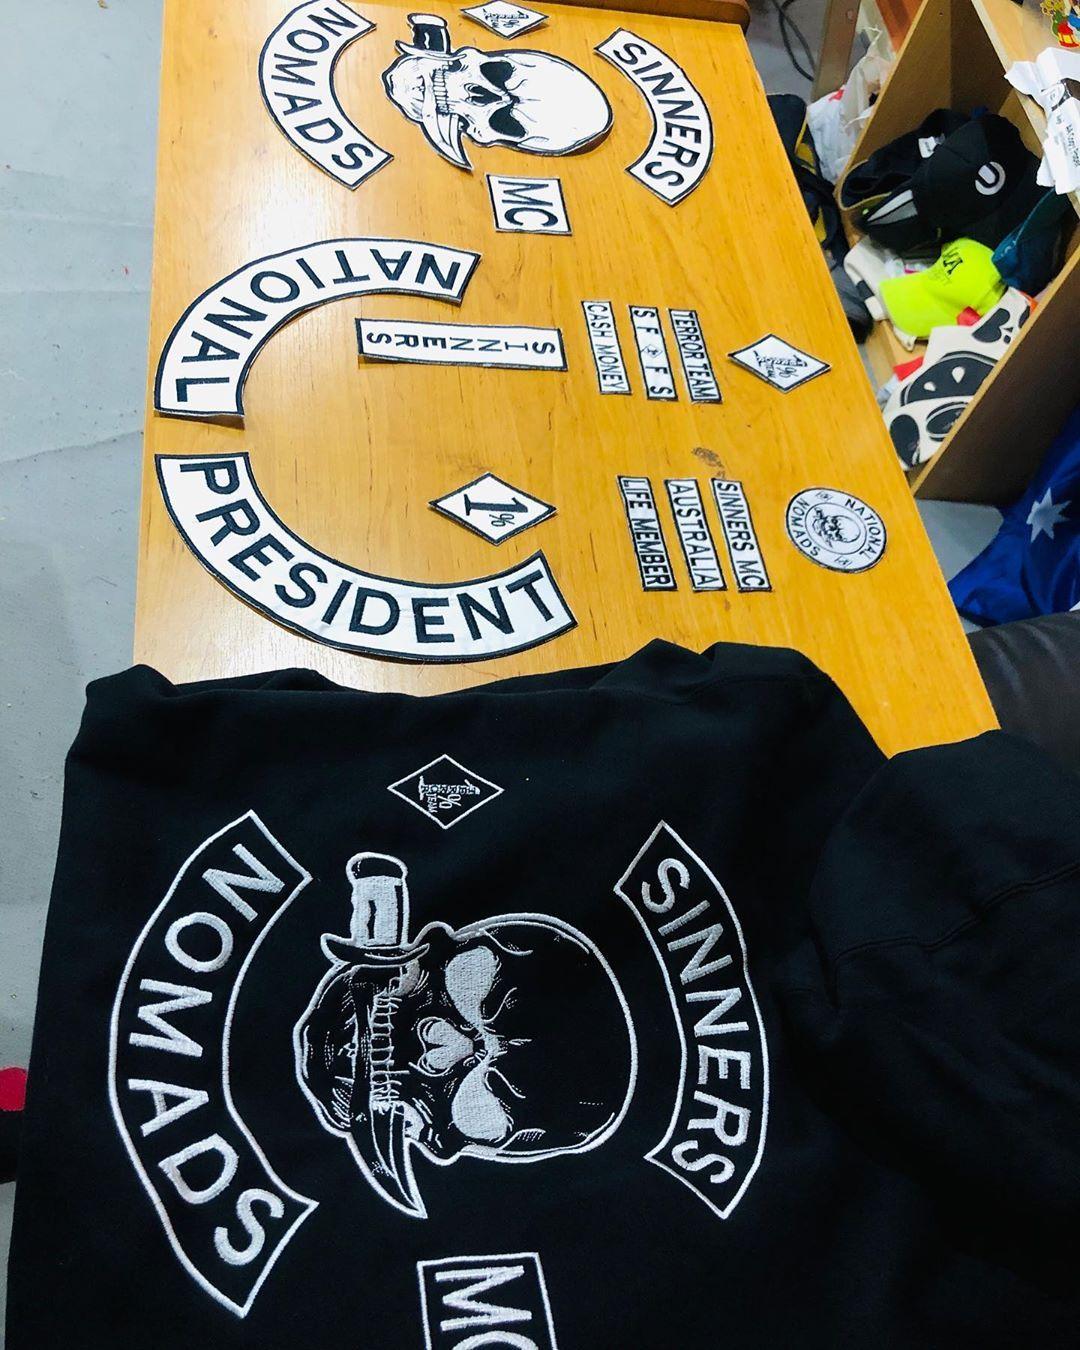 Logowear Australia